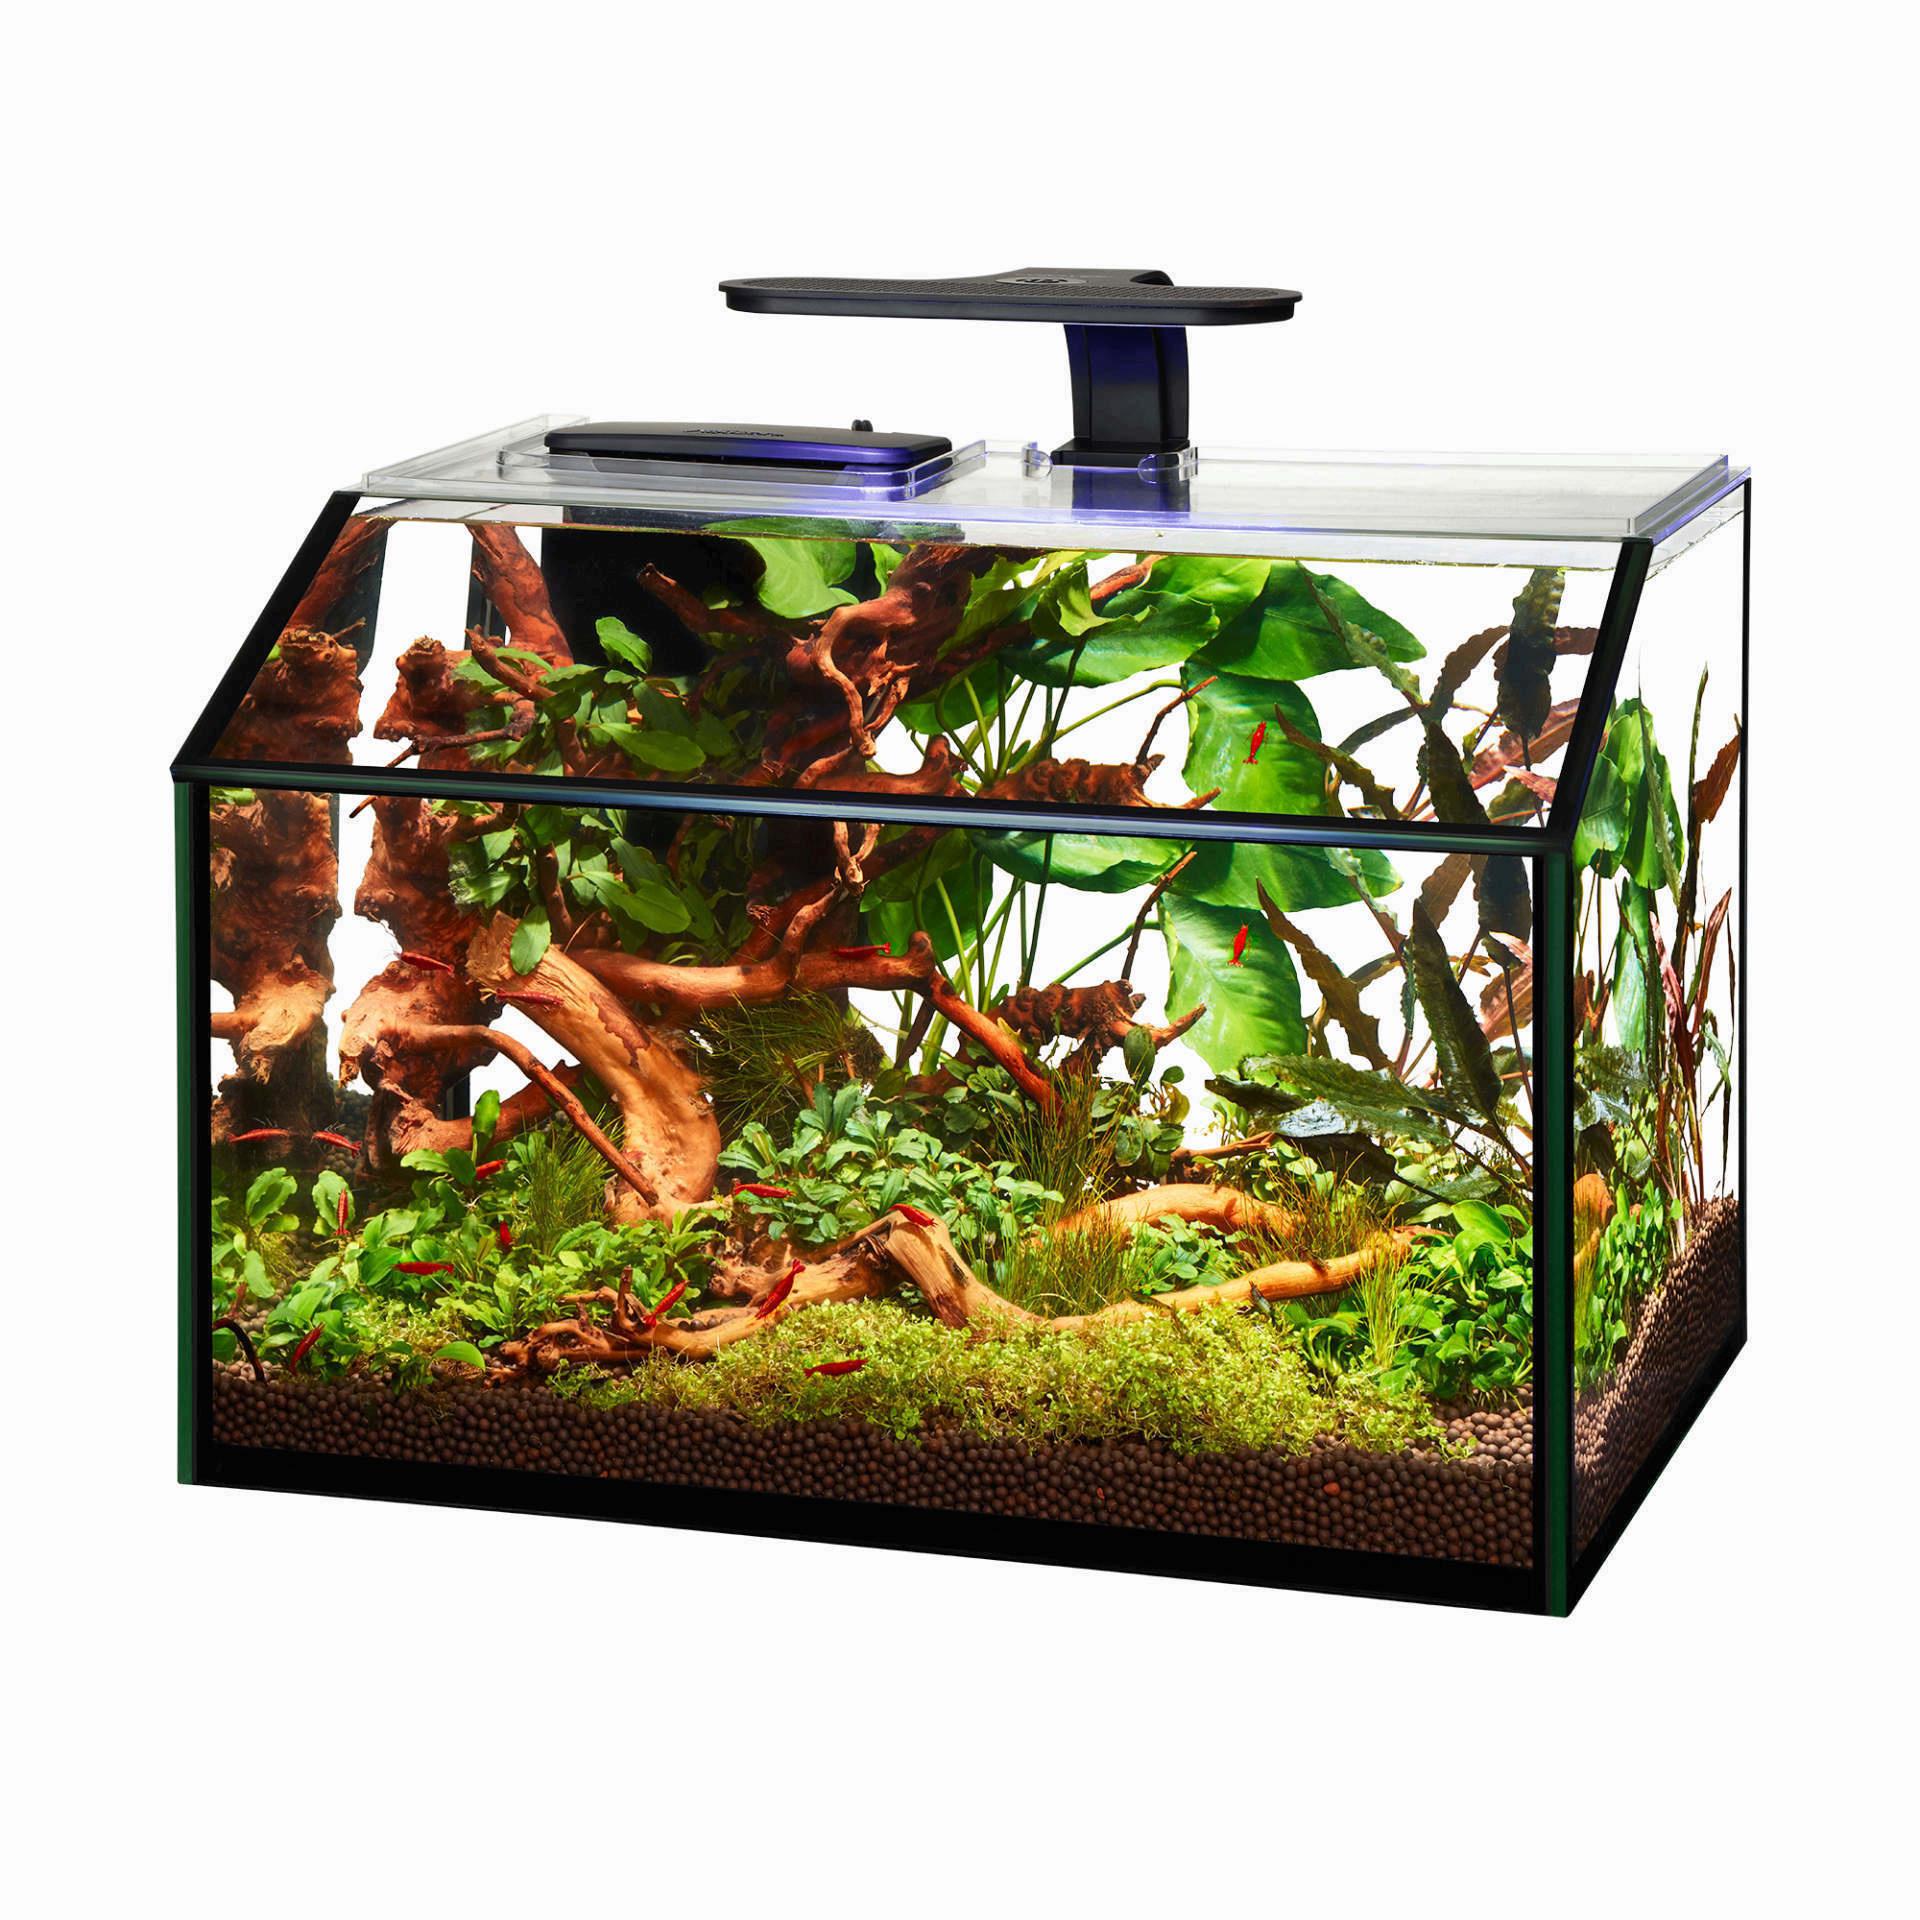 Aqueon Aqueon Designer LED Shrimp Aquarium Kit 8.75 Gal